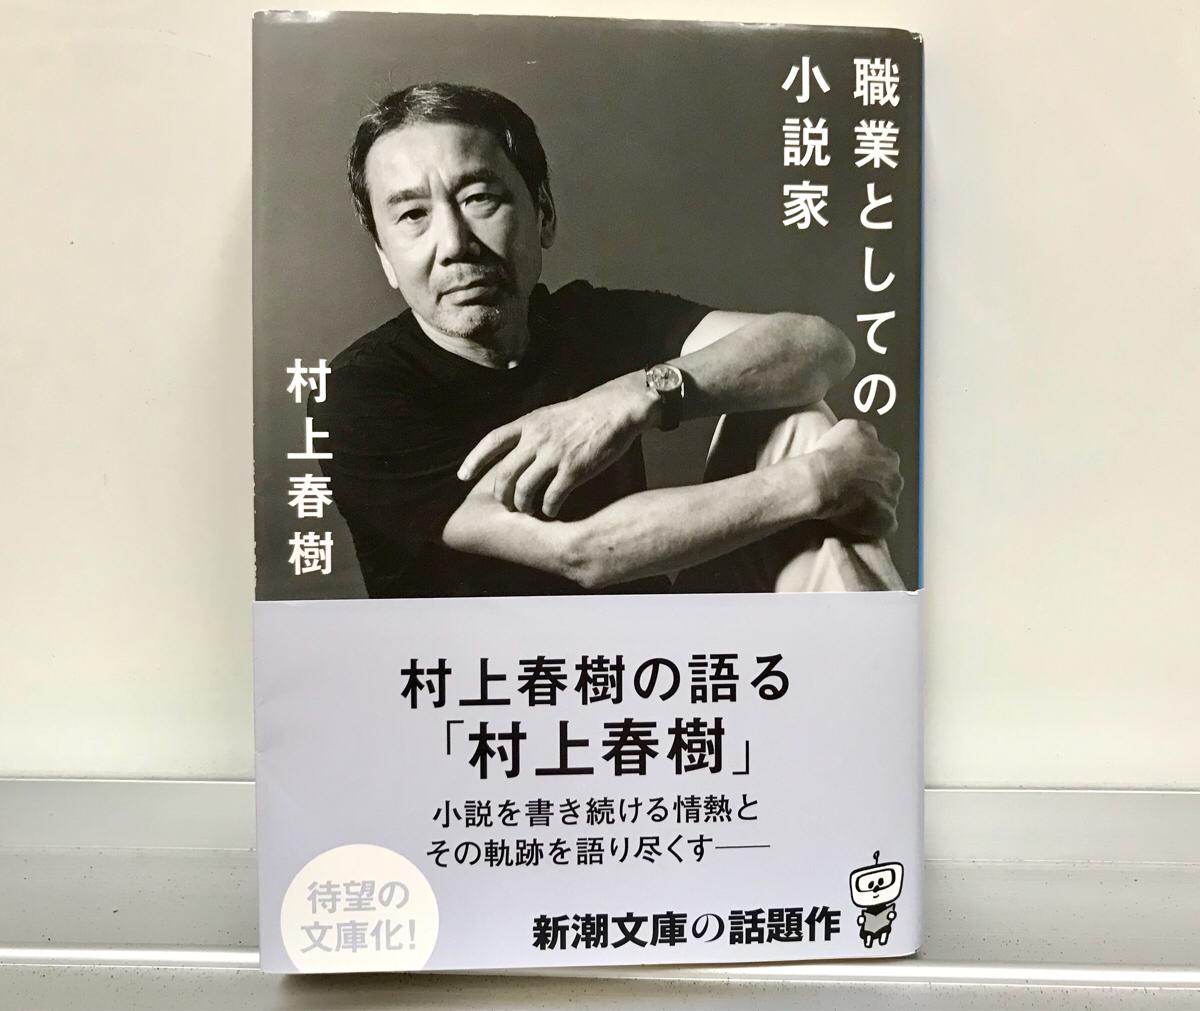 職業としての小説家 / 村上春樹(著)を読んで学んだ、ブログを書く上で必要な7つのこと